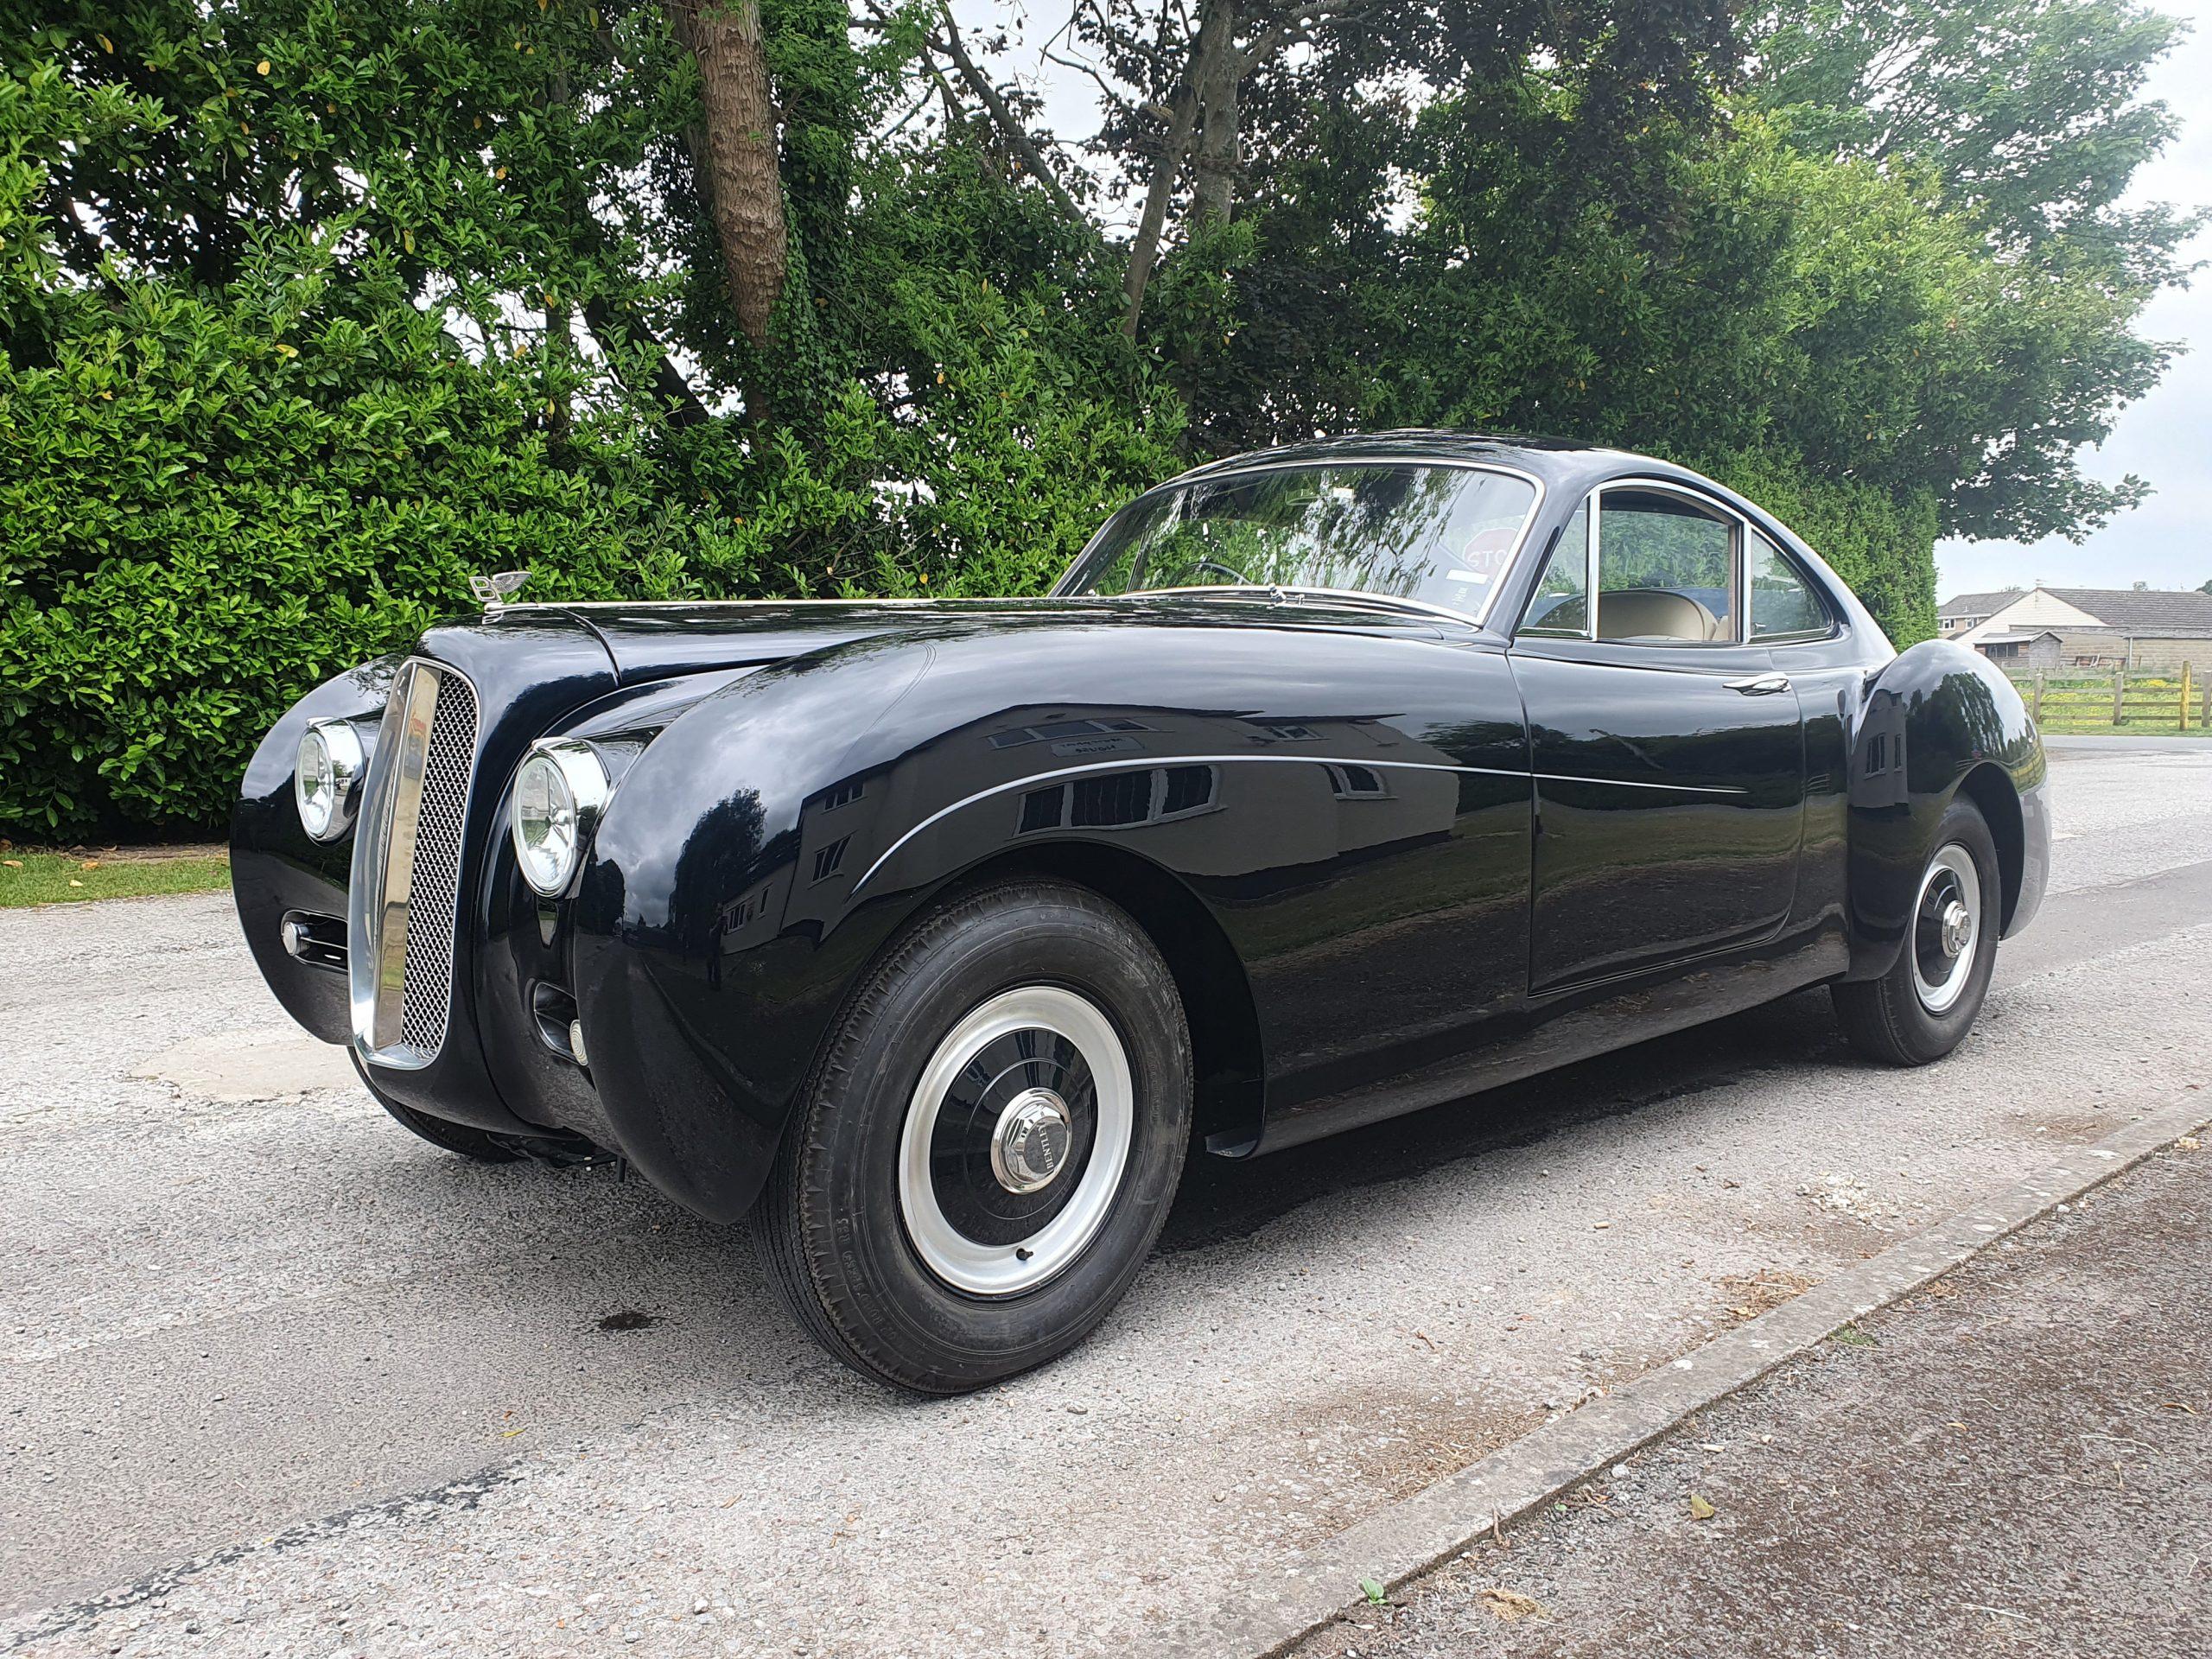 Capturing the coachbuilt past with Bensport's new La Sarthe Bentley